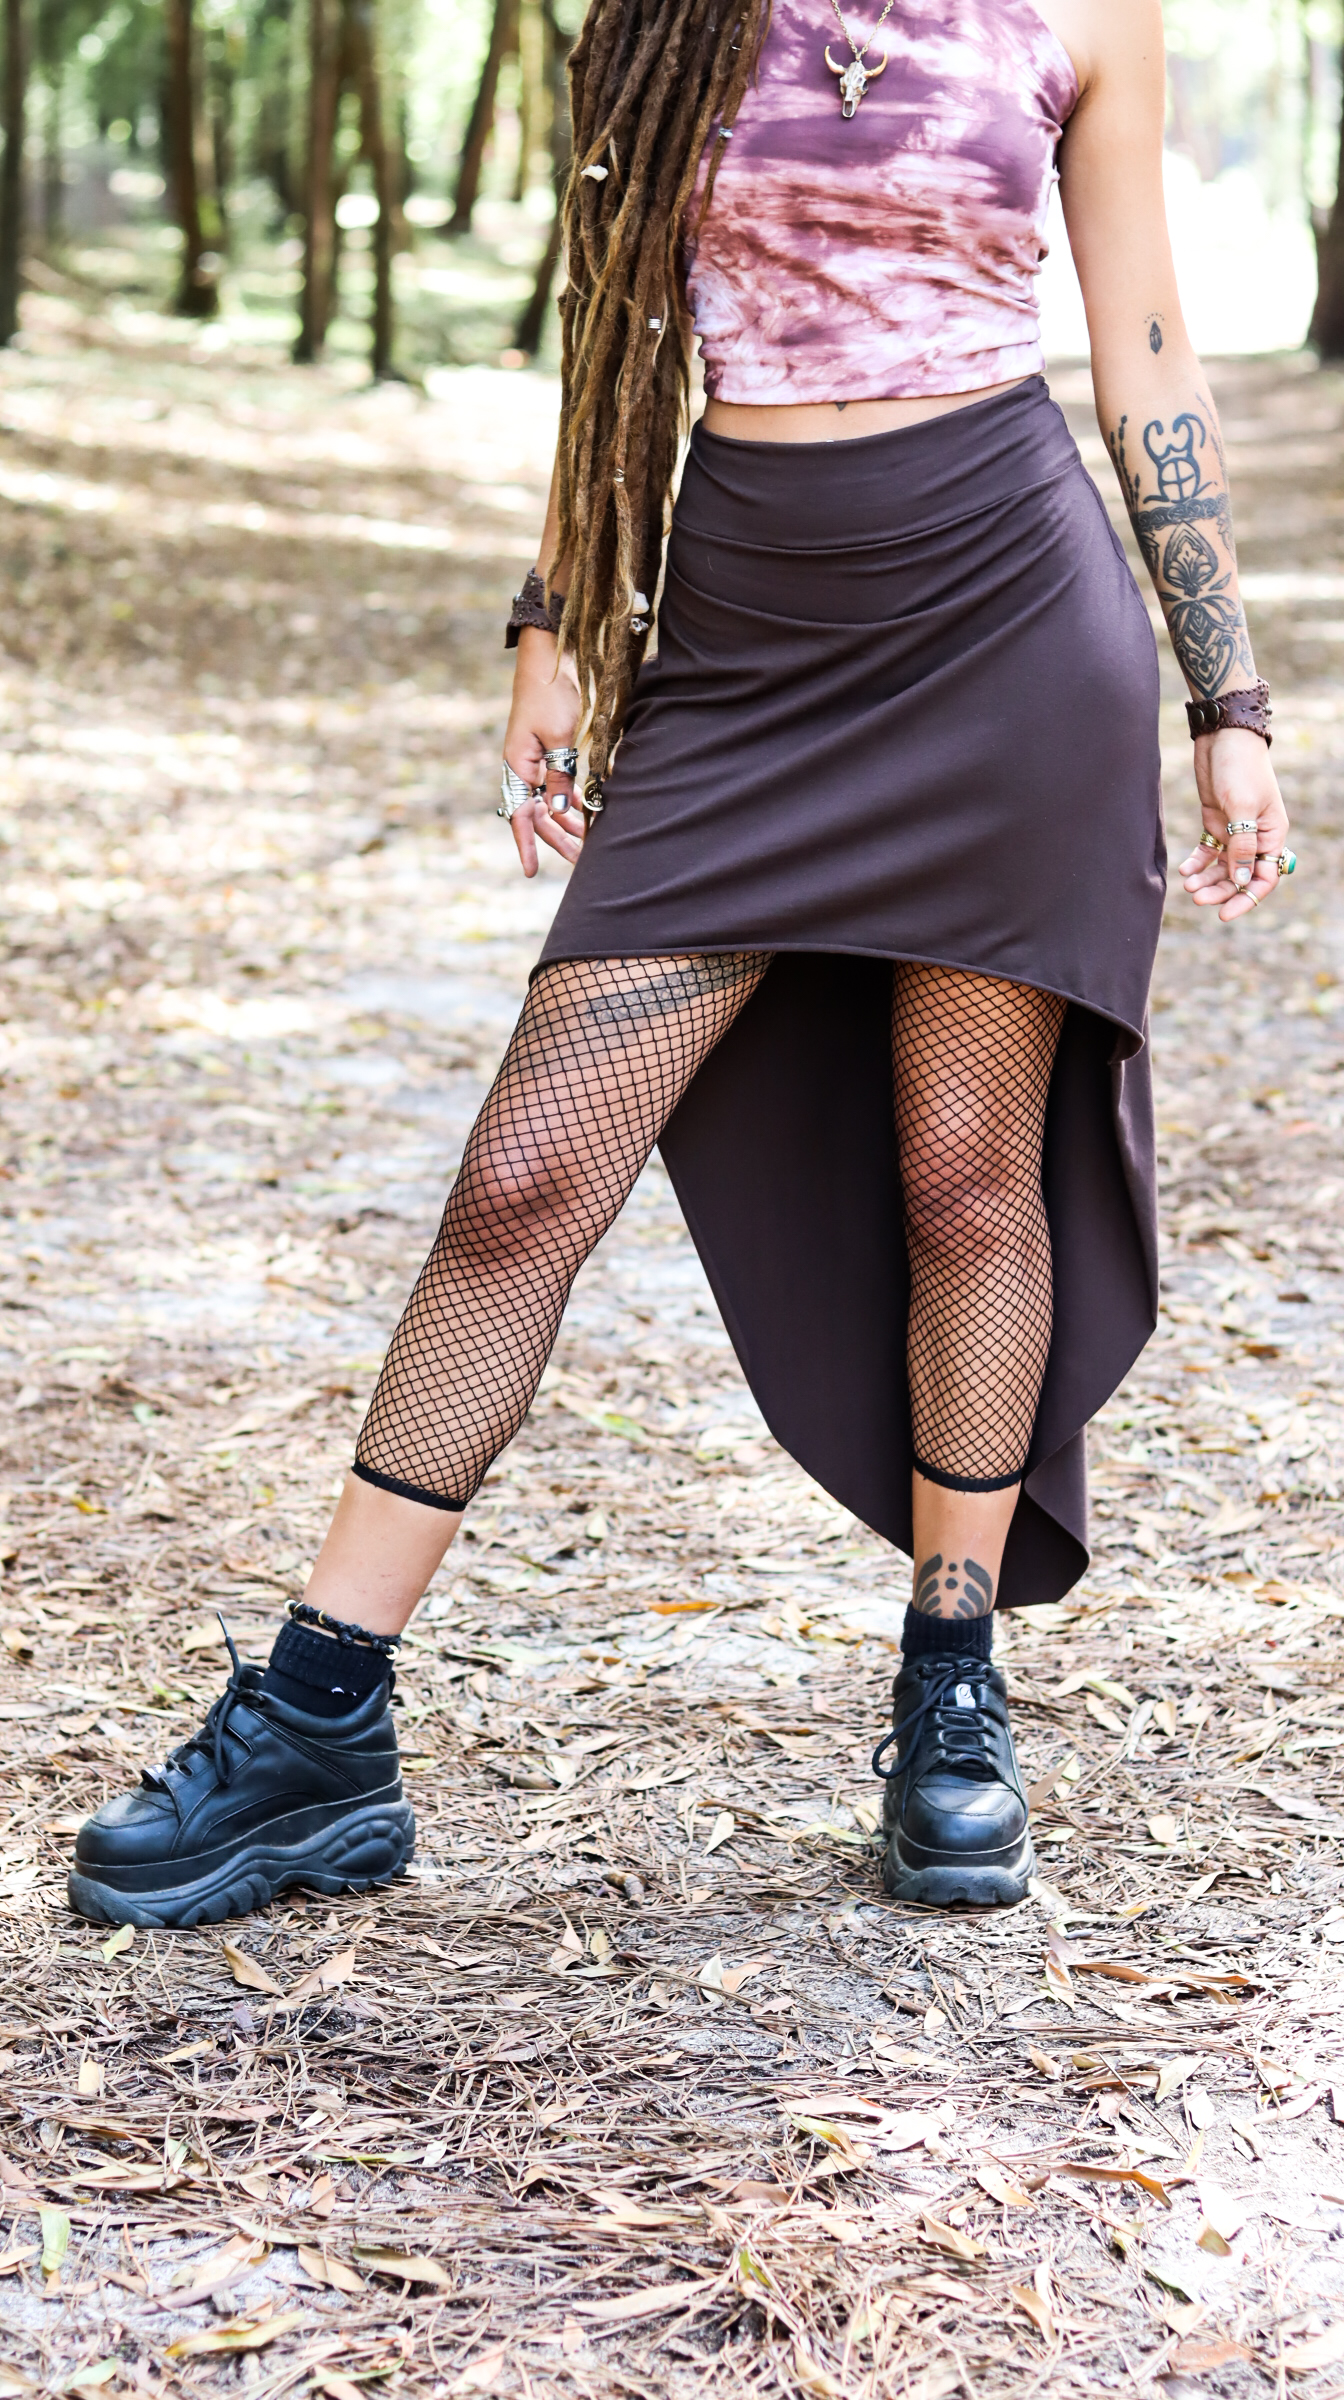 UMBER Skirt by Siga Tribal